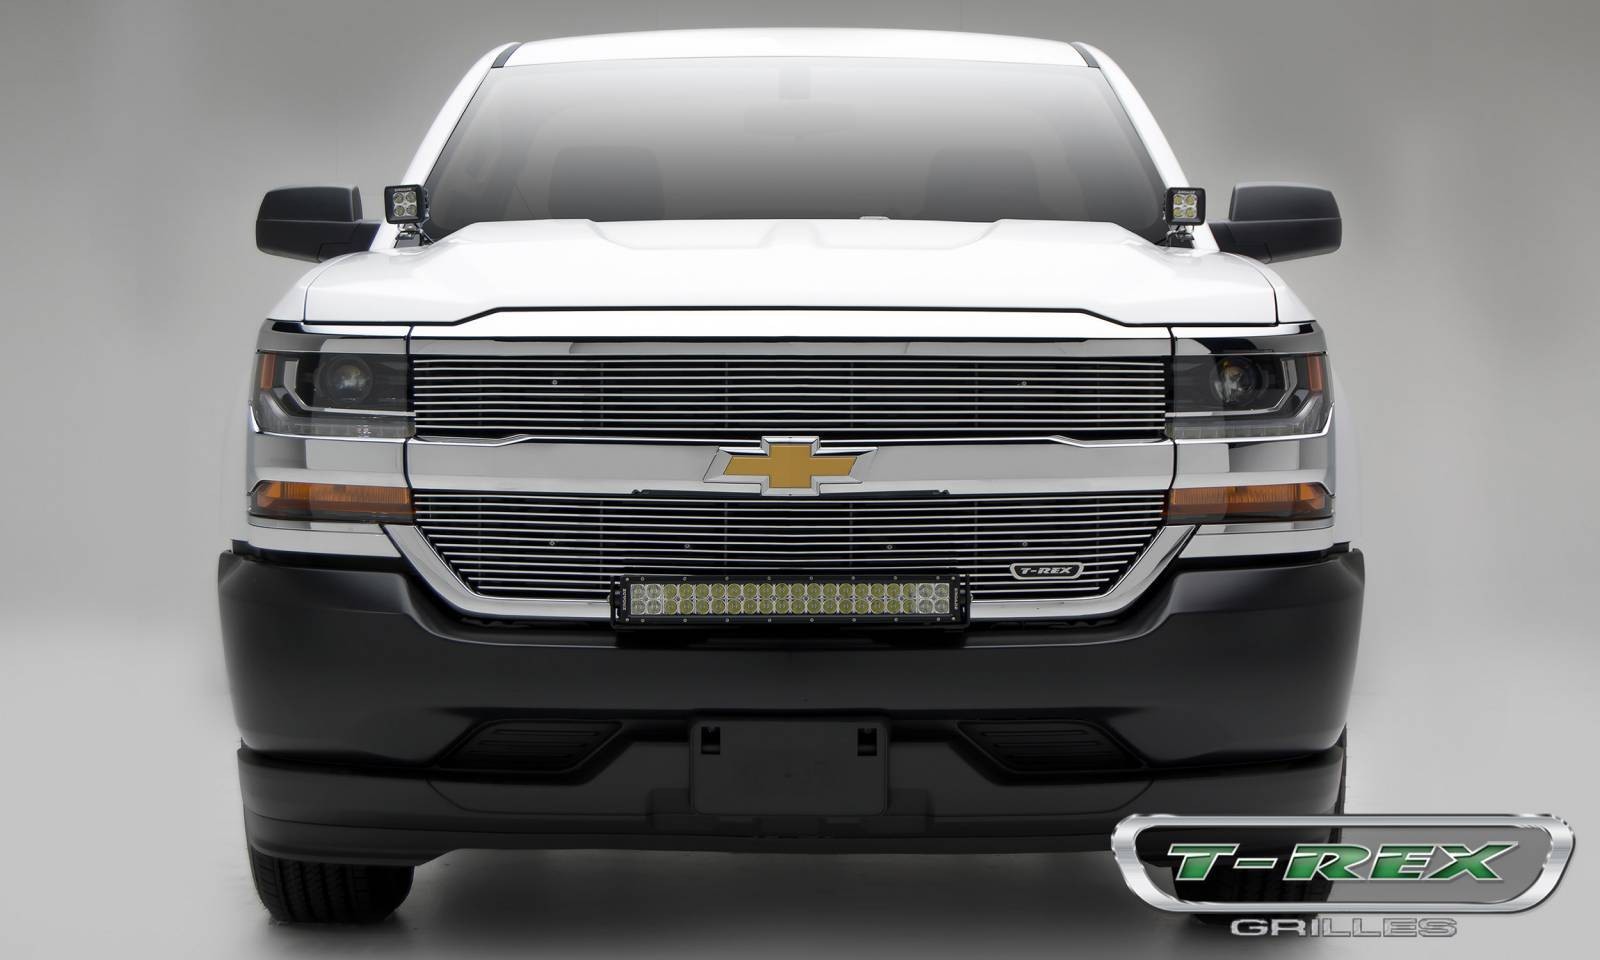 T-REX Chevrolet Silverado 1500 Laser Billet Grille, Overlay - Polished- Pt # 6211270